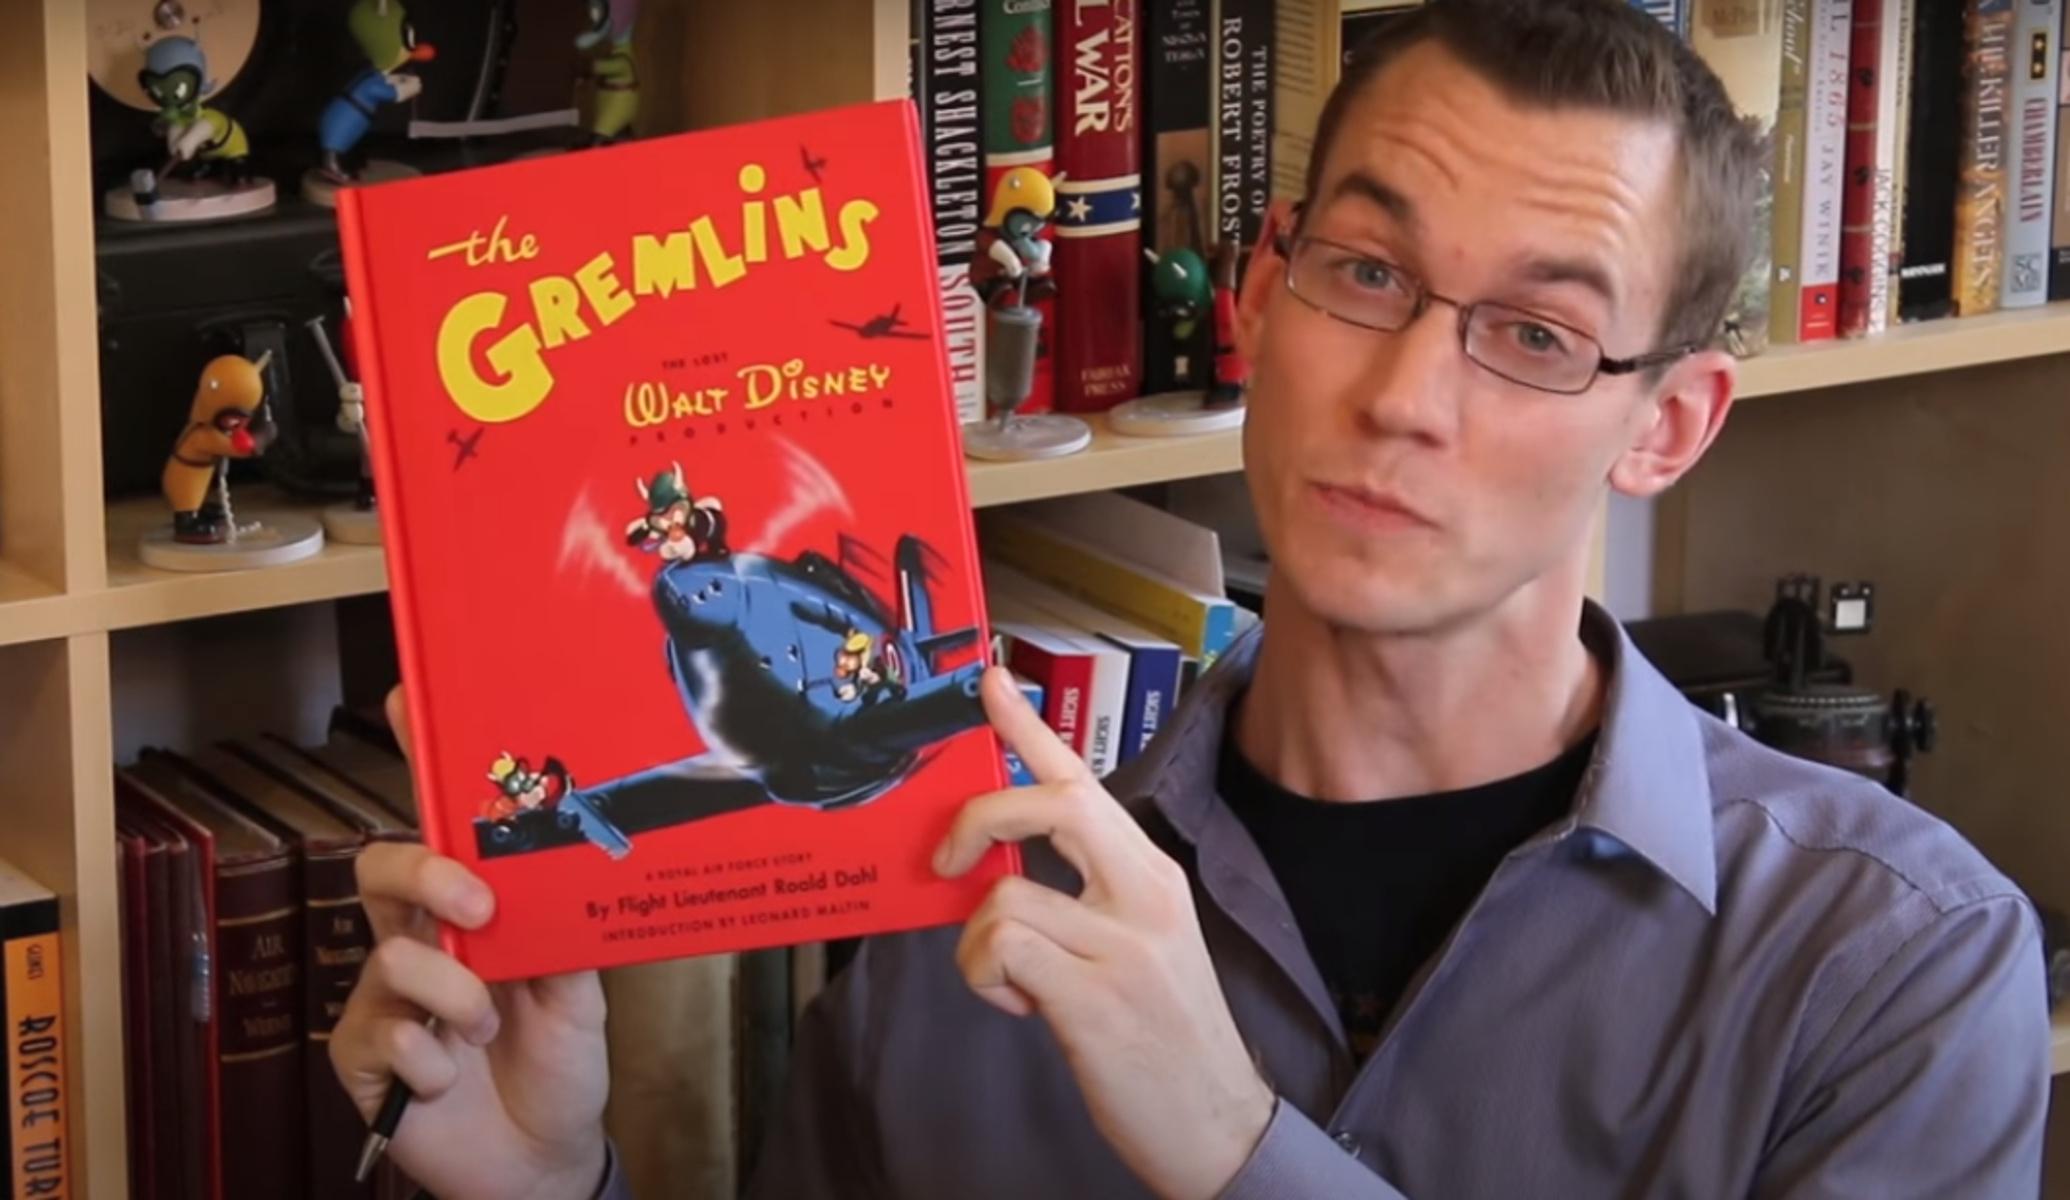 Σπάνιο αντίτυπο του βιβλίου «The Gremlins» θα πωληθεί σε δημοπρασία τον Μάιο